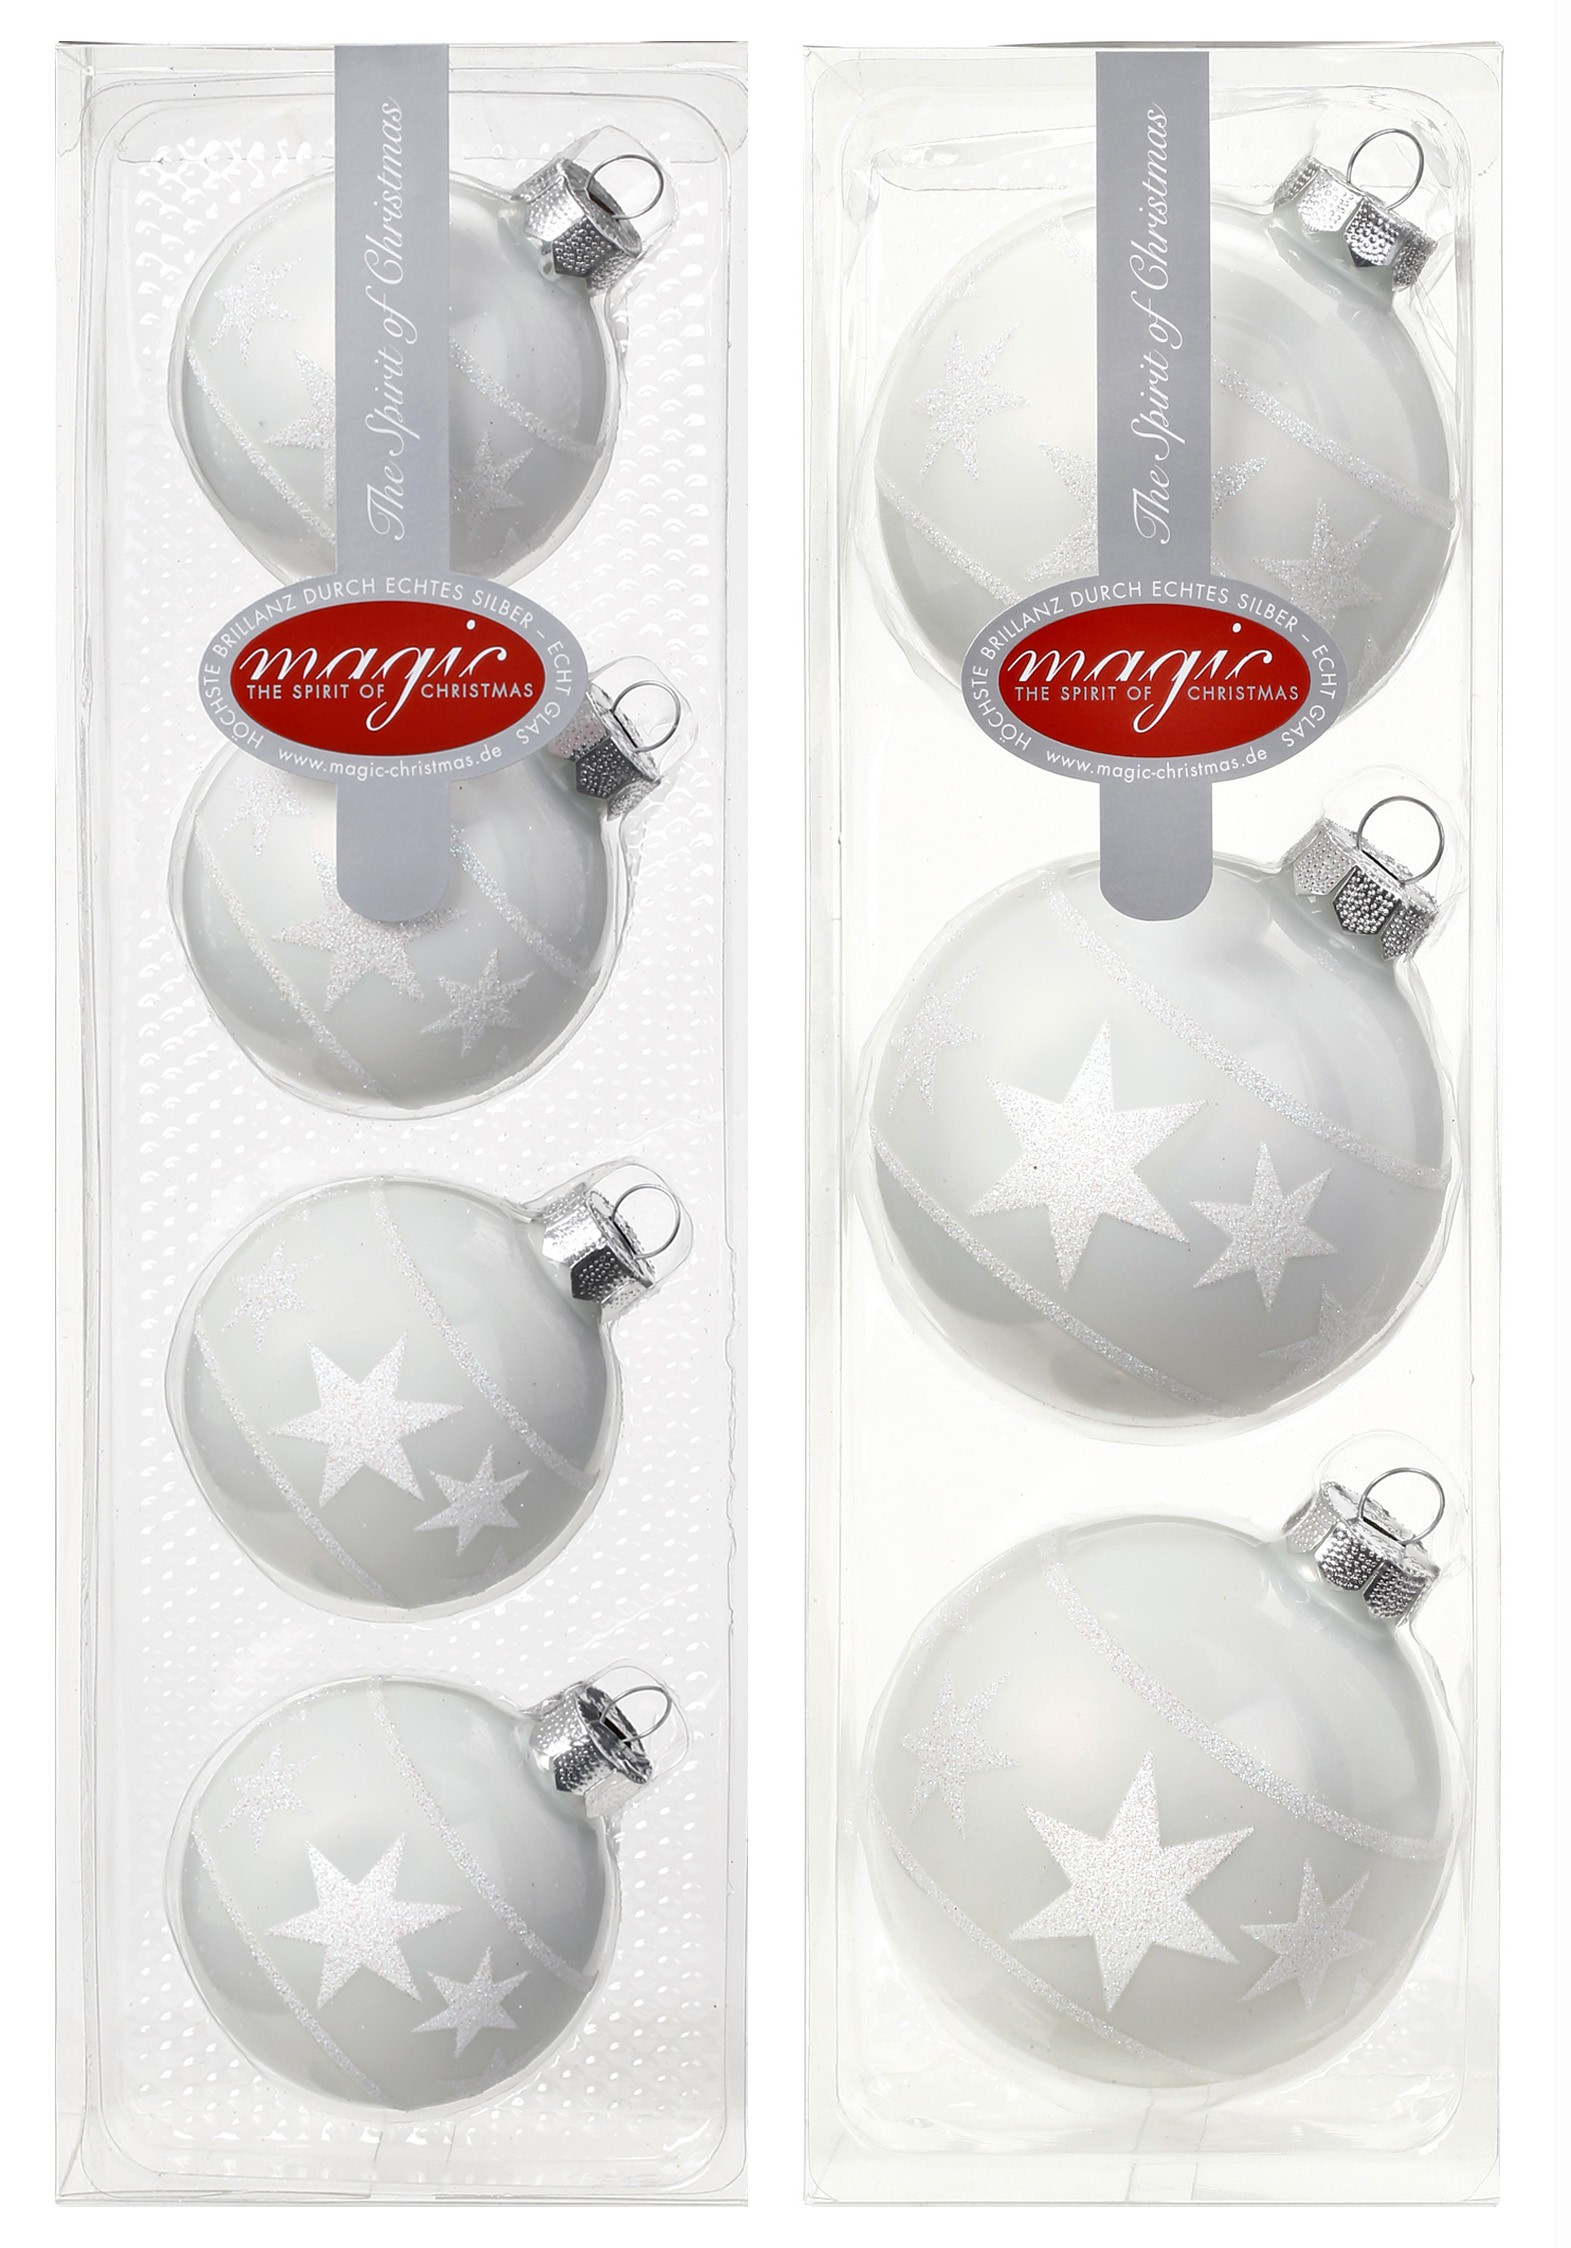 Christbaumkugeln glas dekor wei saisonartikel weihnachten for Glas mit kugeln dekorieren